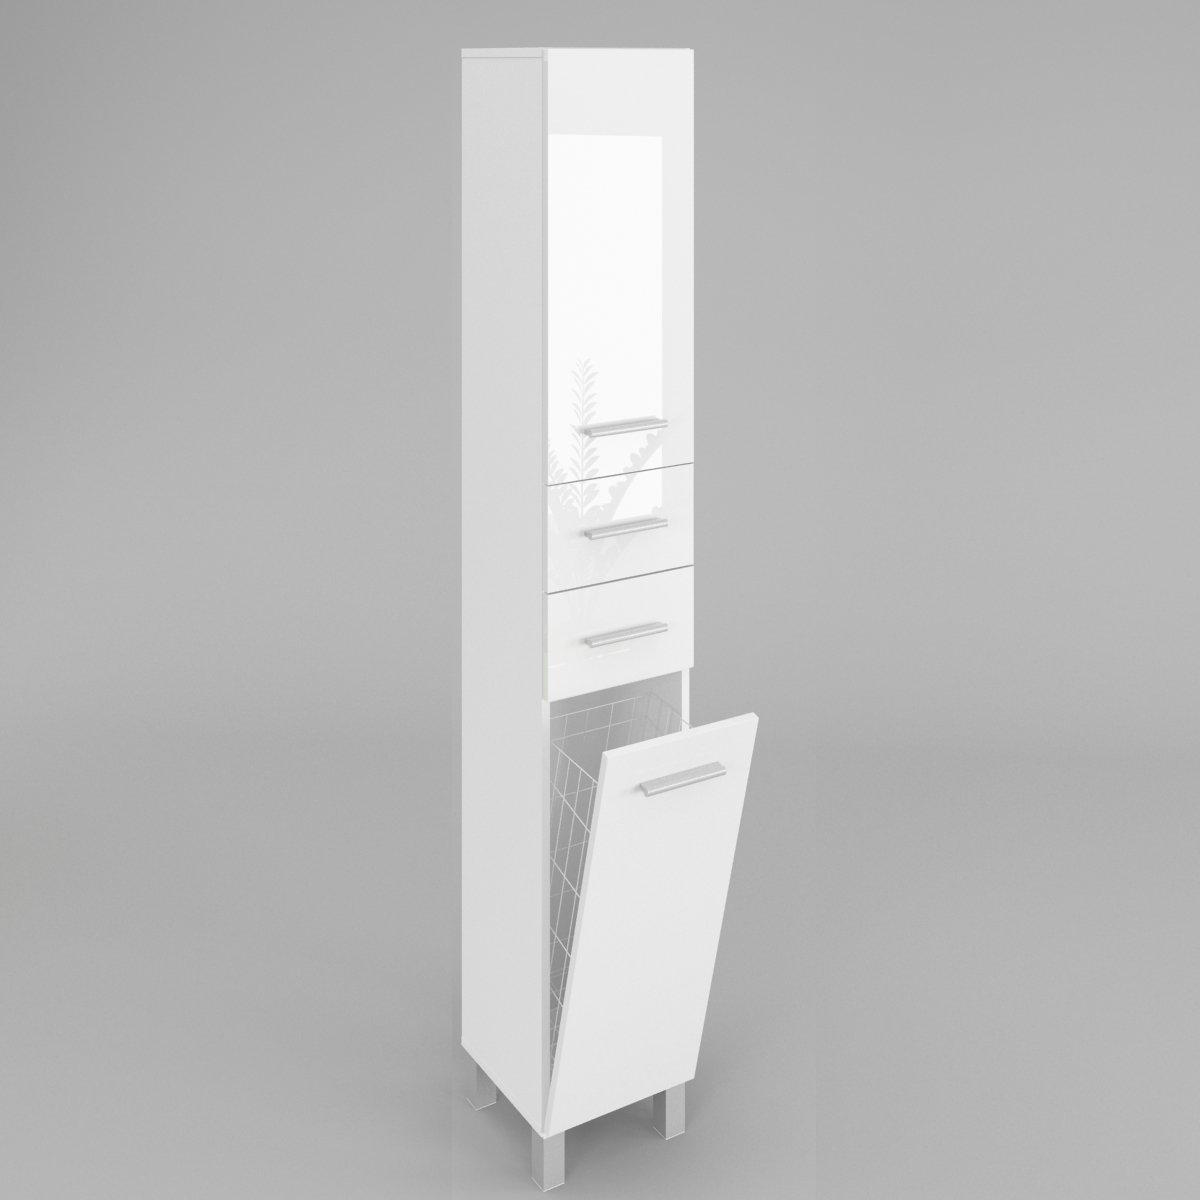 Badezimmerschrank HOCHSCHRANK mit wäschekorb SW15 in Weiß ...